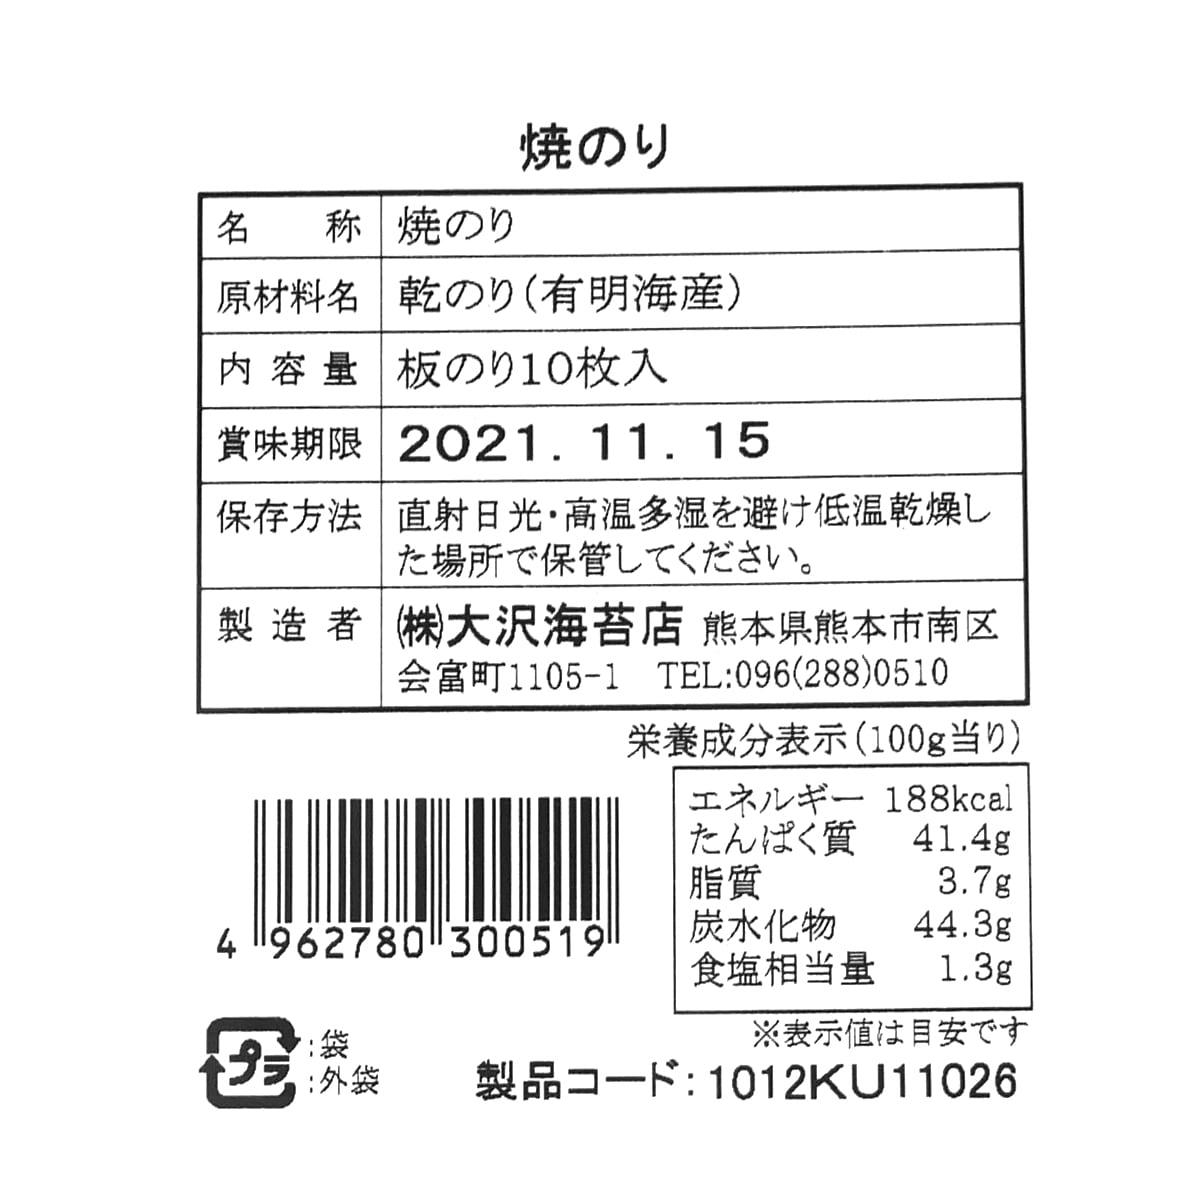 大沢海苔 焼のり 全型10枚×10袋 商品ラベル(原材料・カロリーほか)